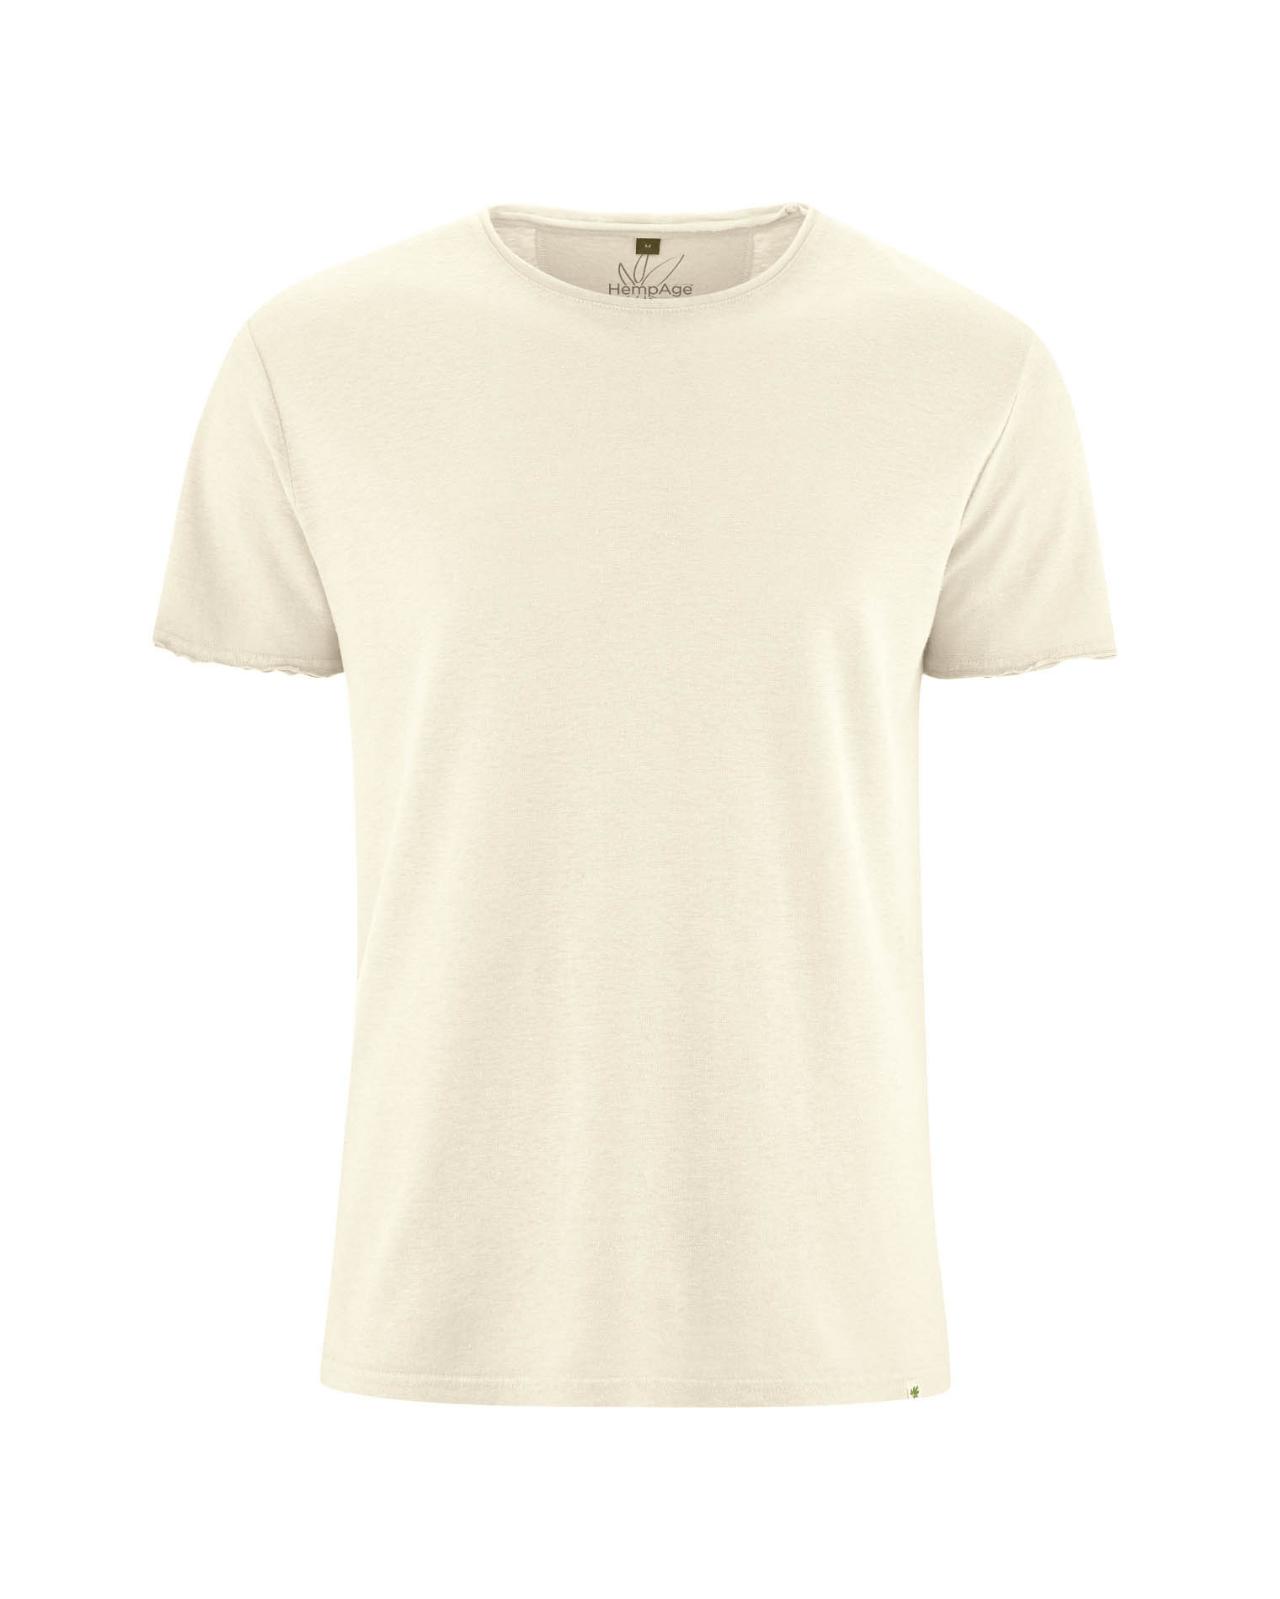 Camiseta-lisa-hombre-de-cáñamo y algodón orgánico blanca